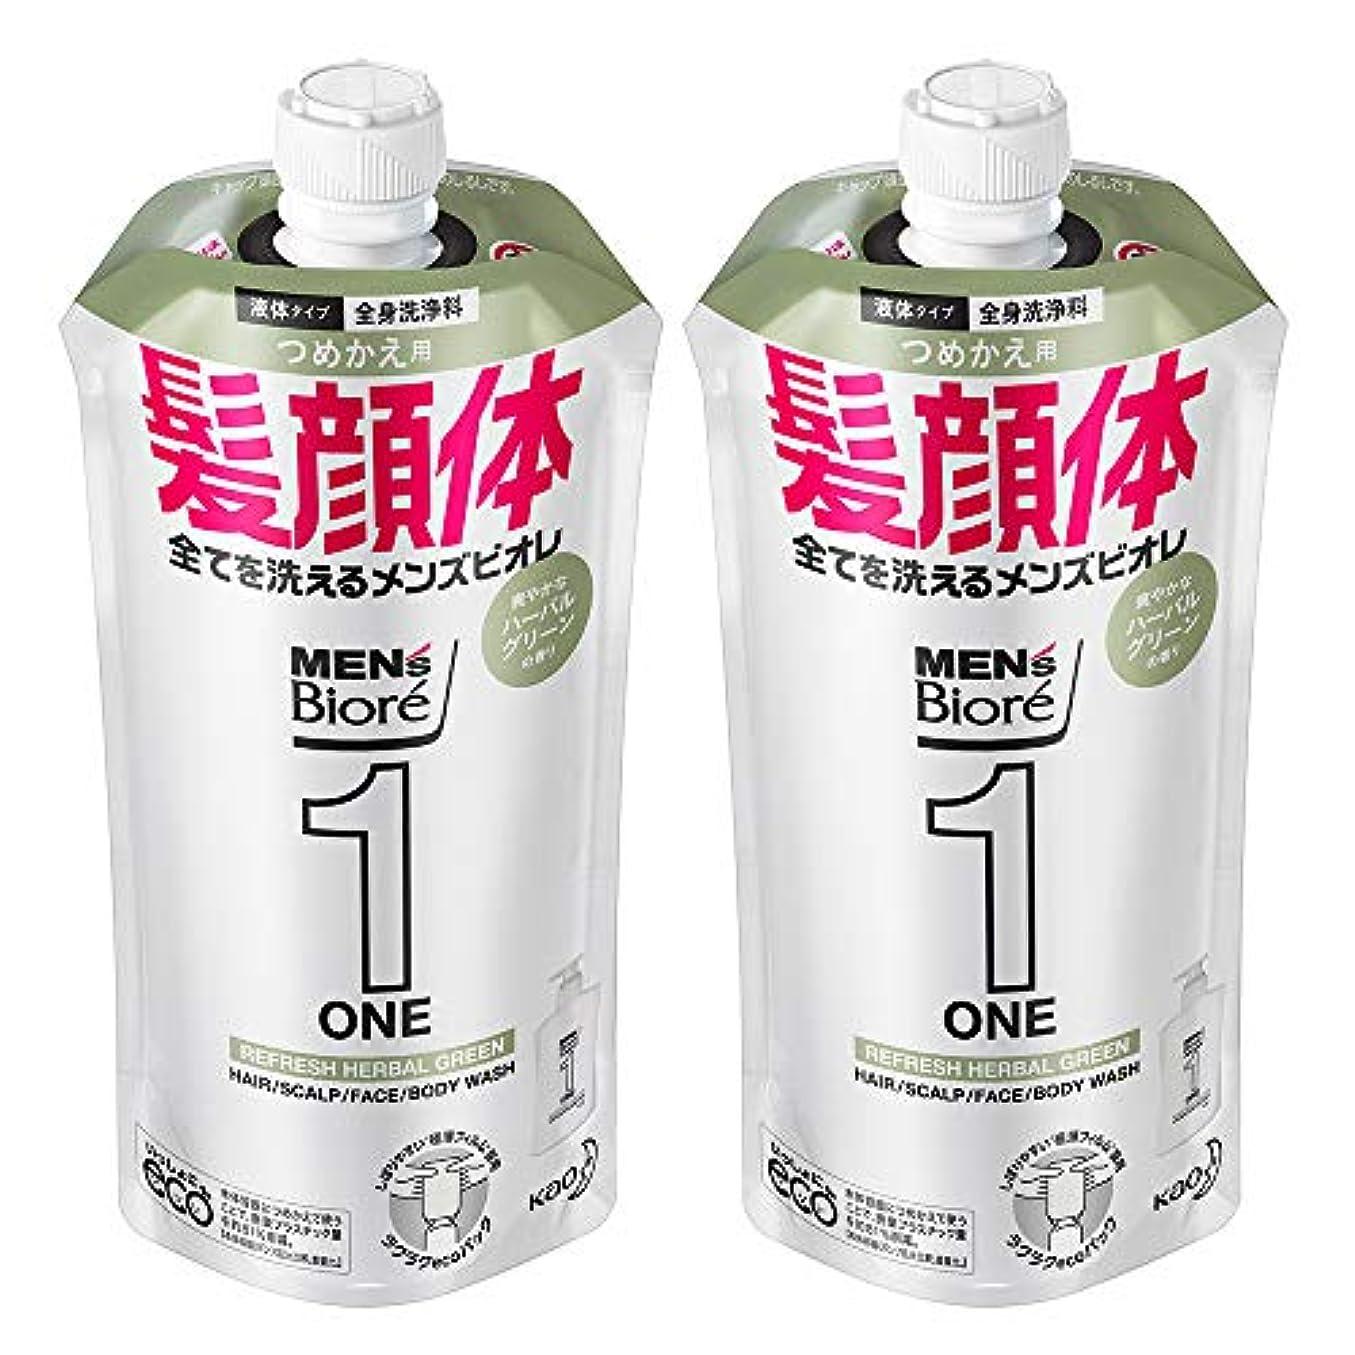 レイ失速床を掃除する【まとめ買い】メンズビオレ ONE オールインワン全身洗浄料 ハーバルグリーンの香り つめかえ用 340ml×2個